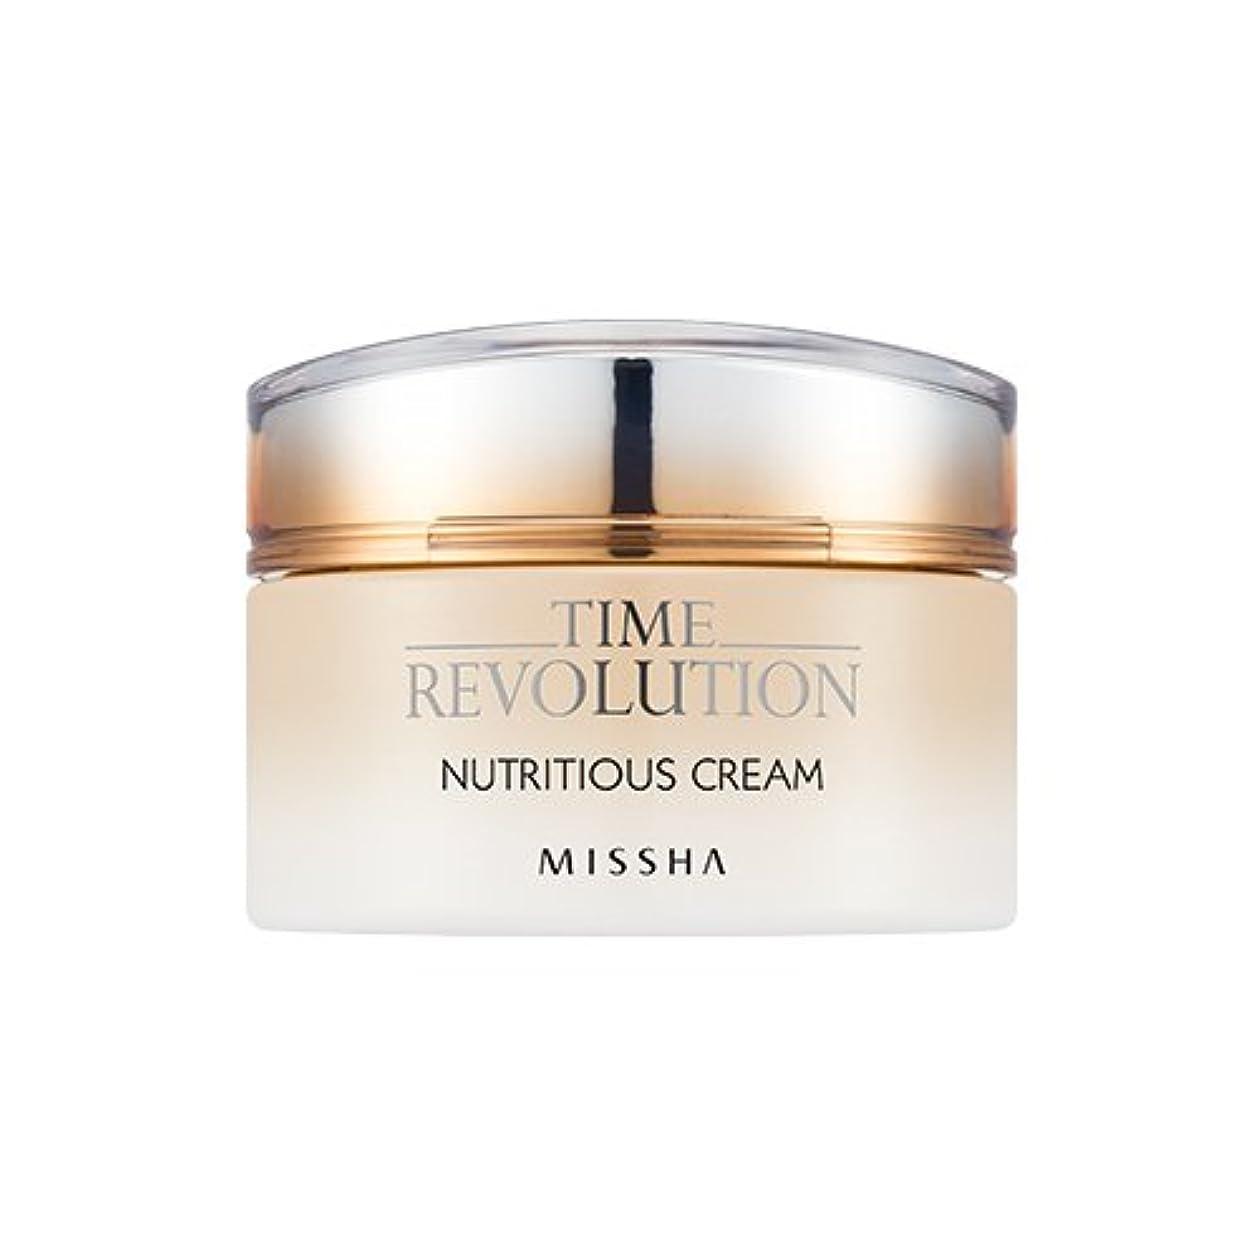 なす横向きゴール[New] MISSHA Time Revolution Nutritious Cream 50ml/ミシャ タイム レボリューション ニュートリシャス クリーム 50ml [並行輸入品]